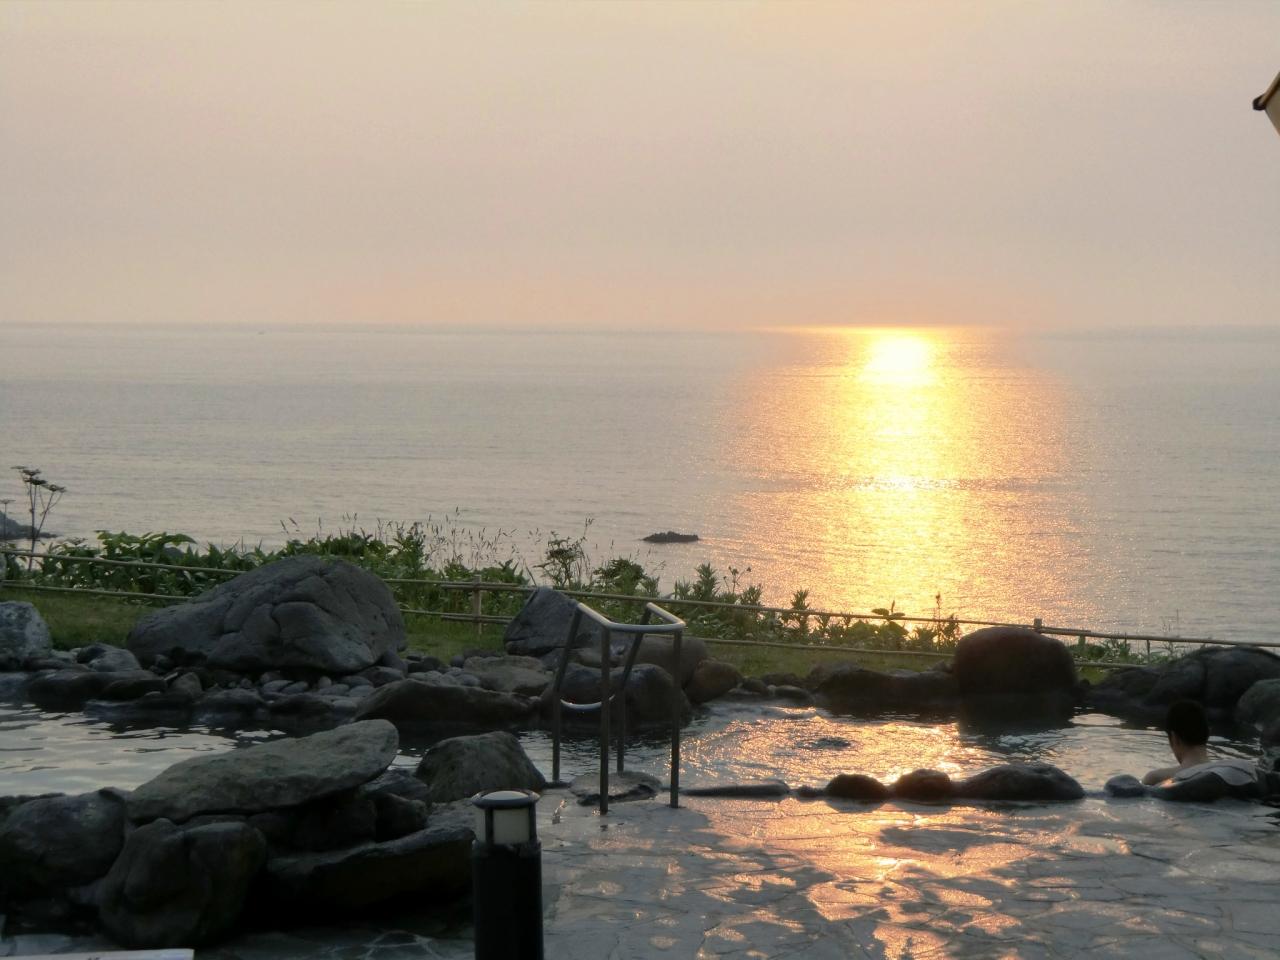 岬の湯 しゃこたん クチコミガイド【フォートラベル】|積丹半島